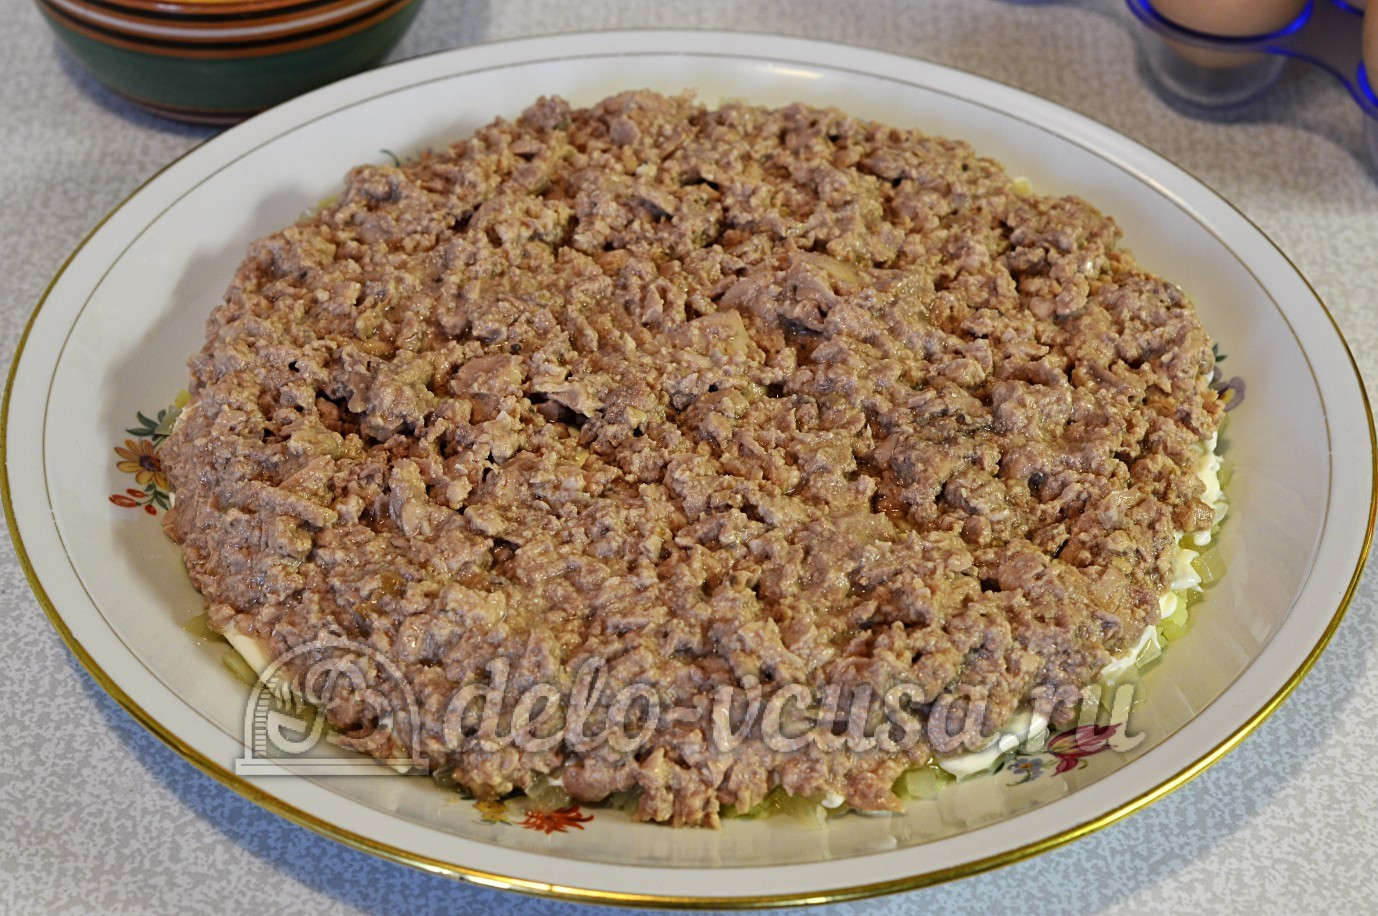 салат подсолнух рецепт с печенью